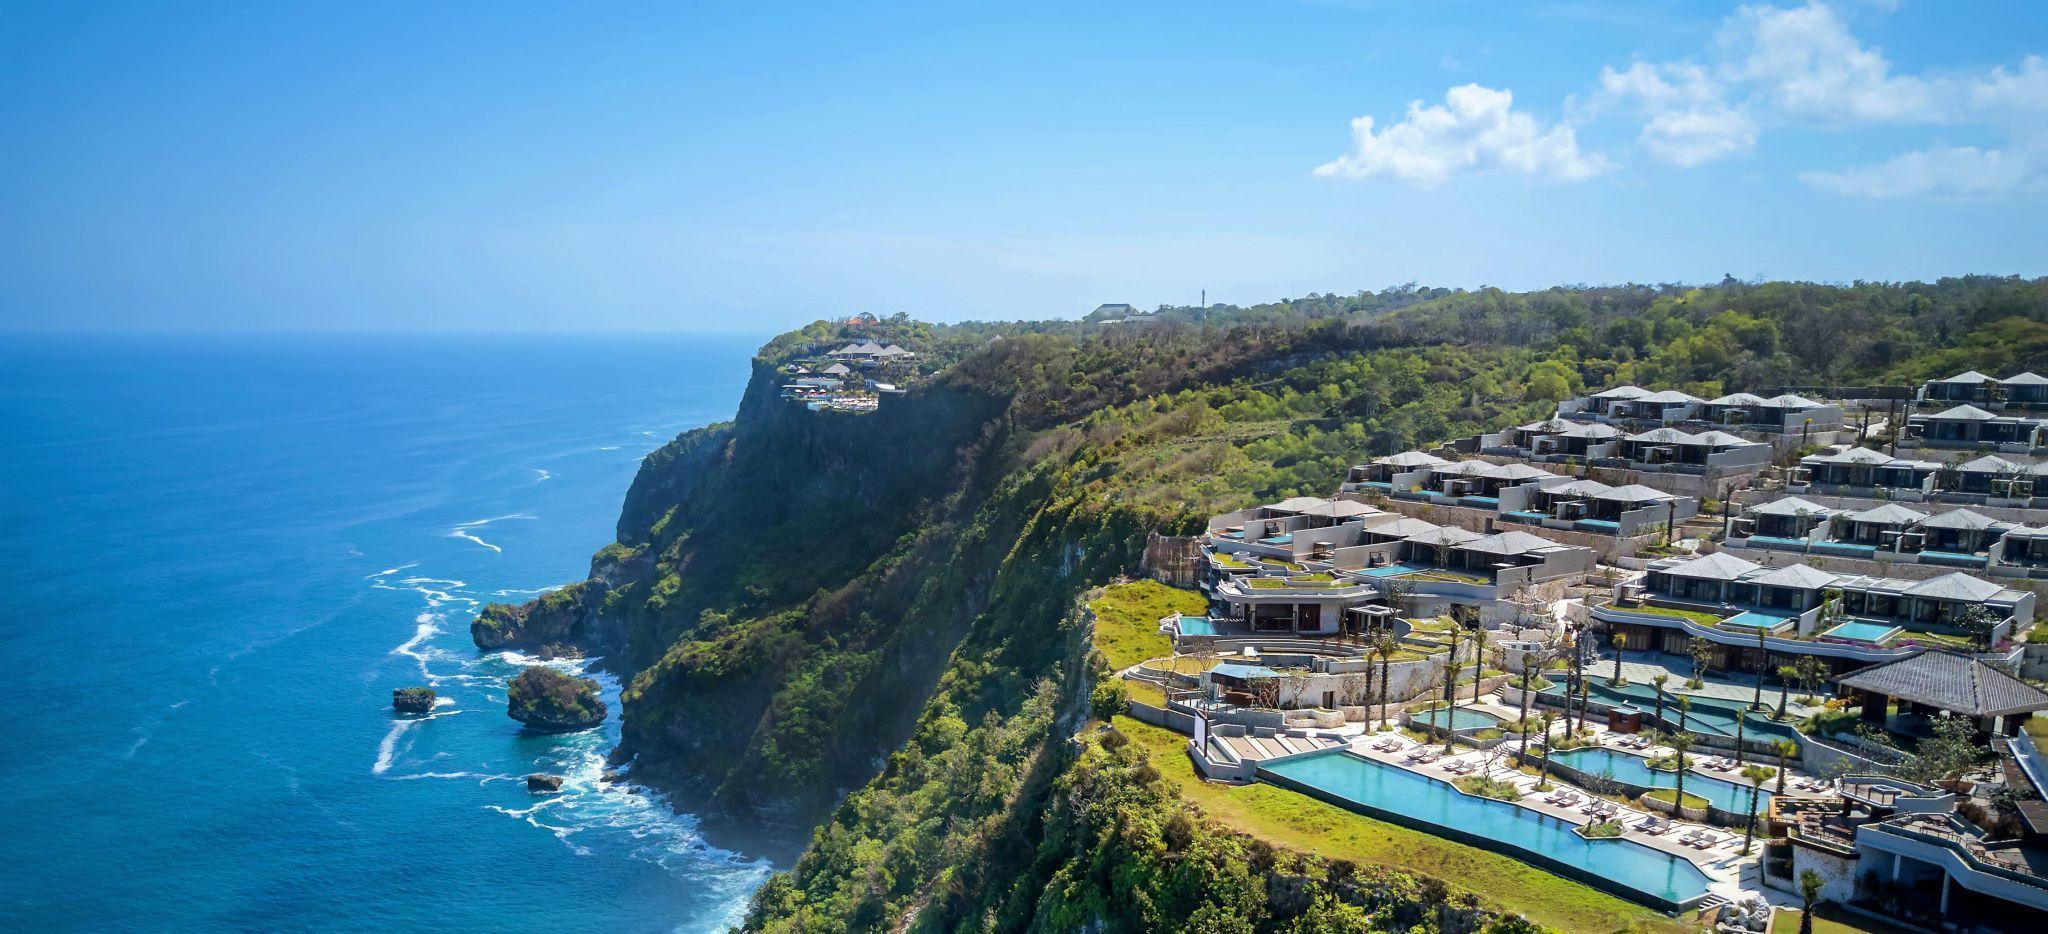 Luftaufnahme des Hotelgeländes des Six Senses Uluwatu auf Bali tagsüber